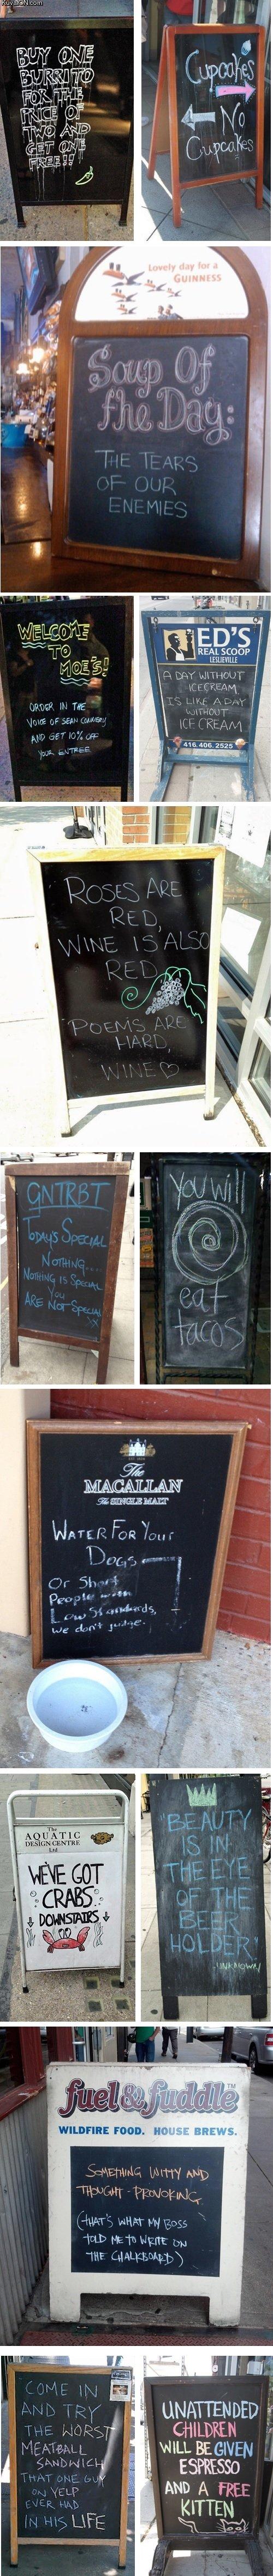 """Sandwich Signs. . CT my Jill is I ssh"""" ll ME K 'ill FOOD. Ill)! NEWS. 1' isutci, CHILDREN yum BEGINER ESPRESSO AND A Ferr KATTEN"""